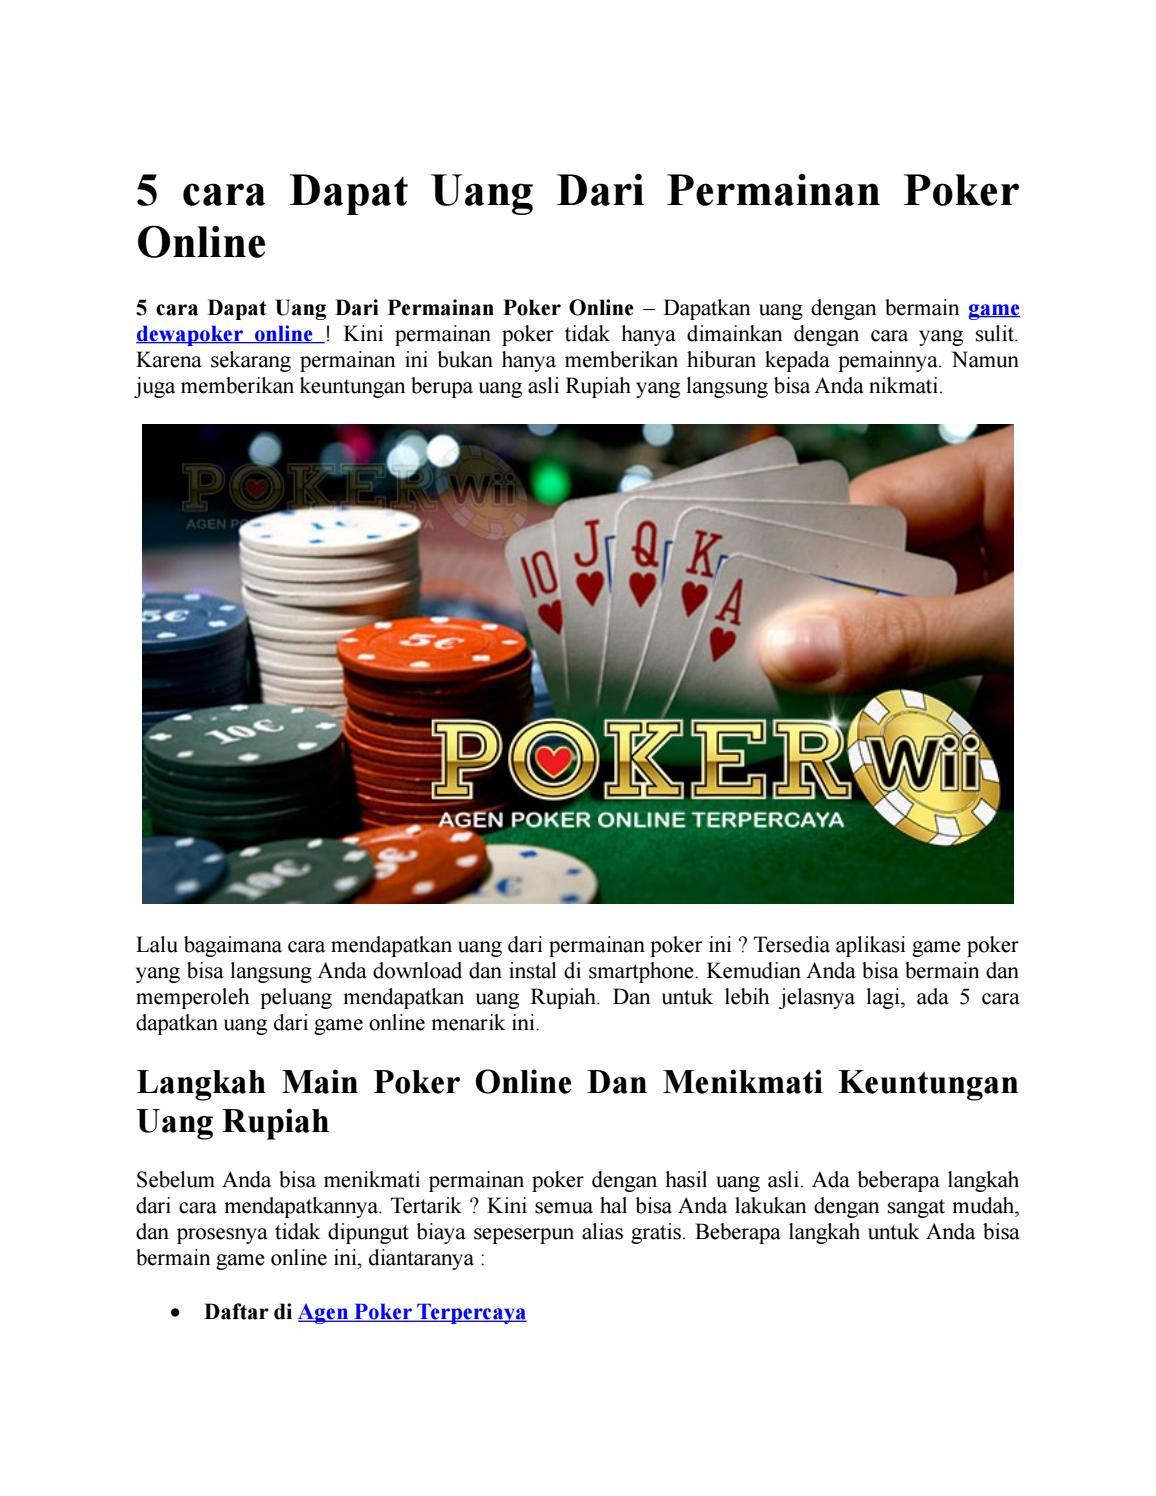 5 Cara Dapat Uang Dari Permainan Poker Online By Milenia Ocarina Issuu